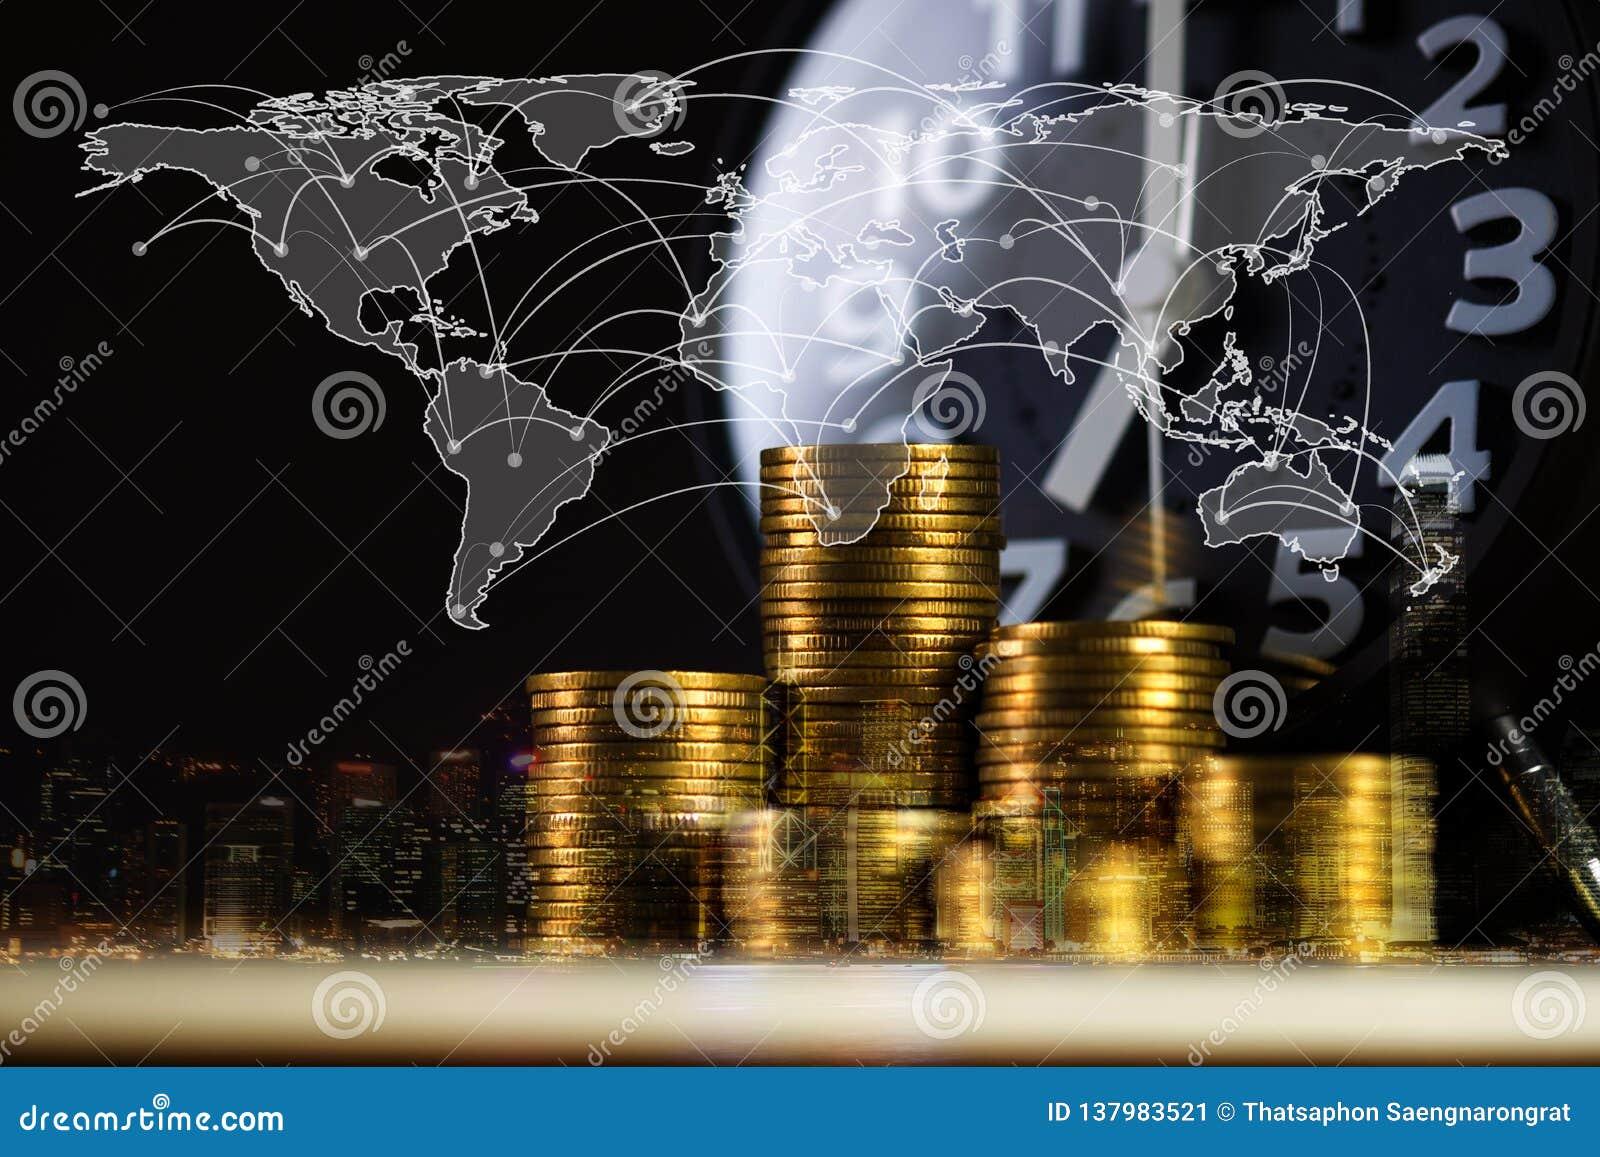 Exposición doble de la pila y despertador de la moneda con el fondo y mapa del mundo de la ciudad, gráfico financiero, mapa del m